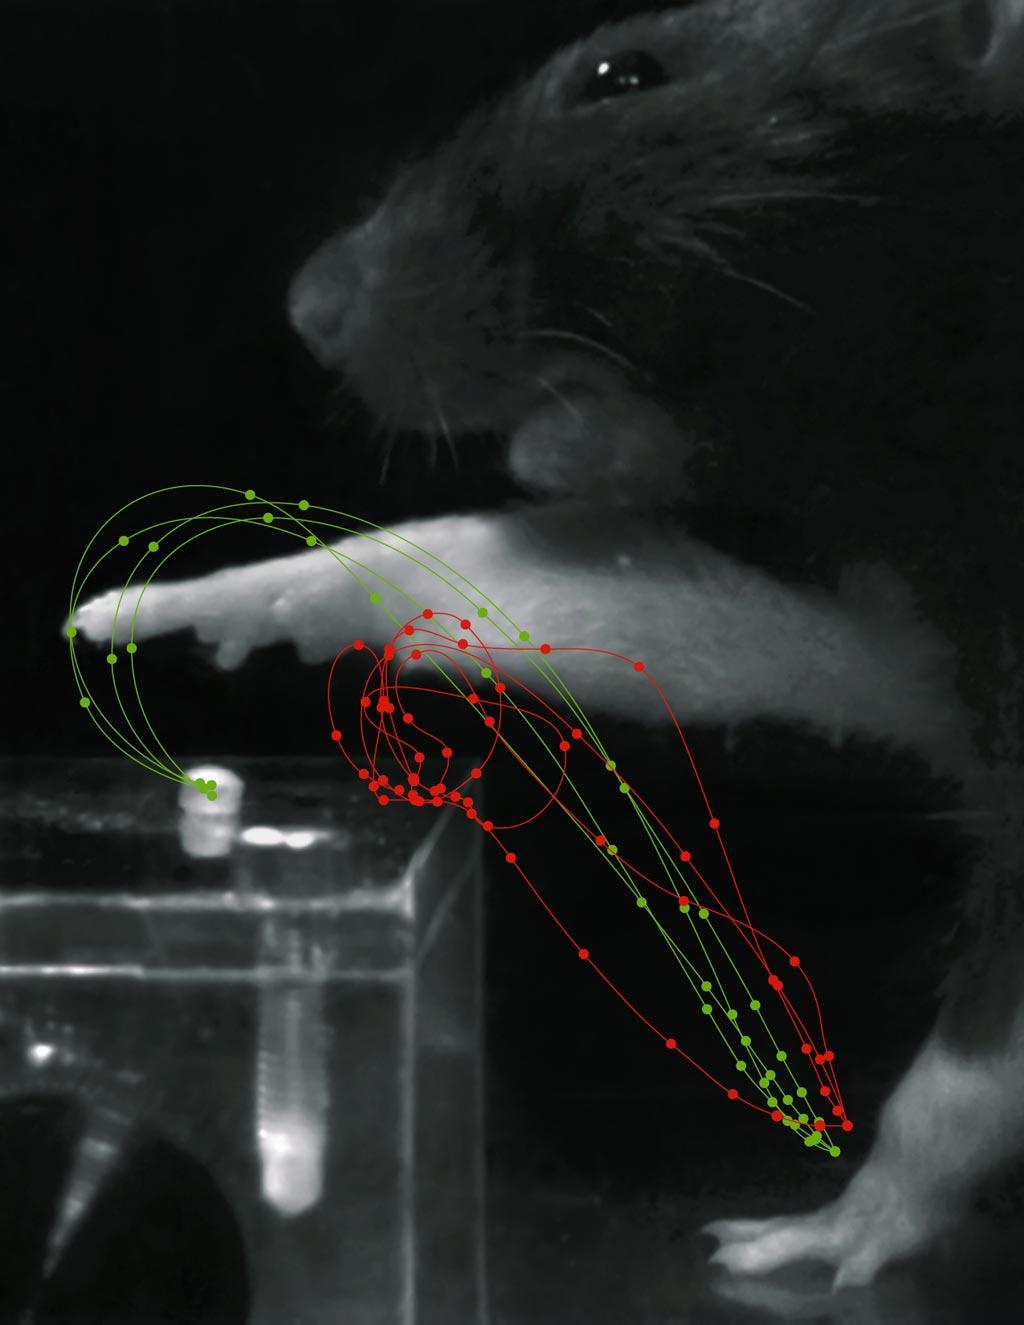 Красные траектории показывают движения захвата после инсульта, зеленые траектории – движения после реабилитации. Фото любезно предоставлено Табеа Краусом (Tabea Kraus) / ETH).